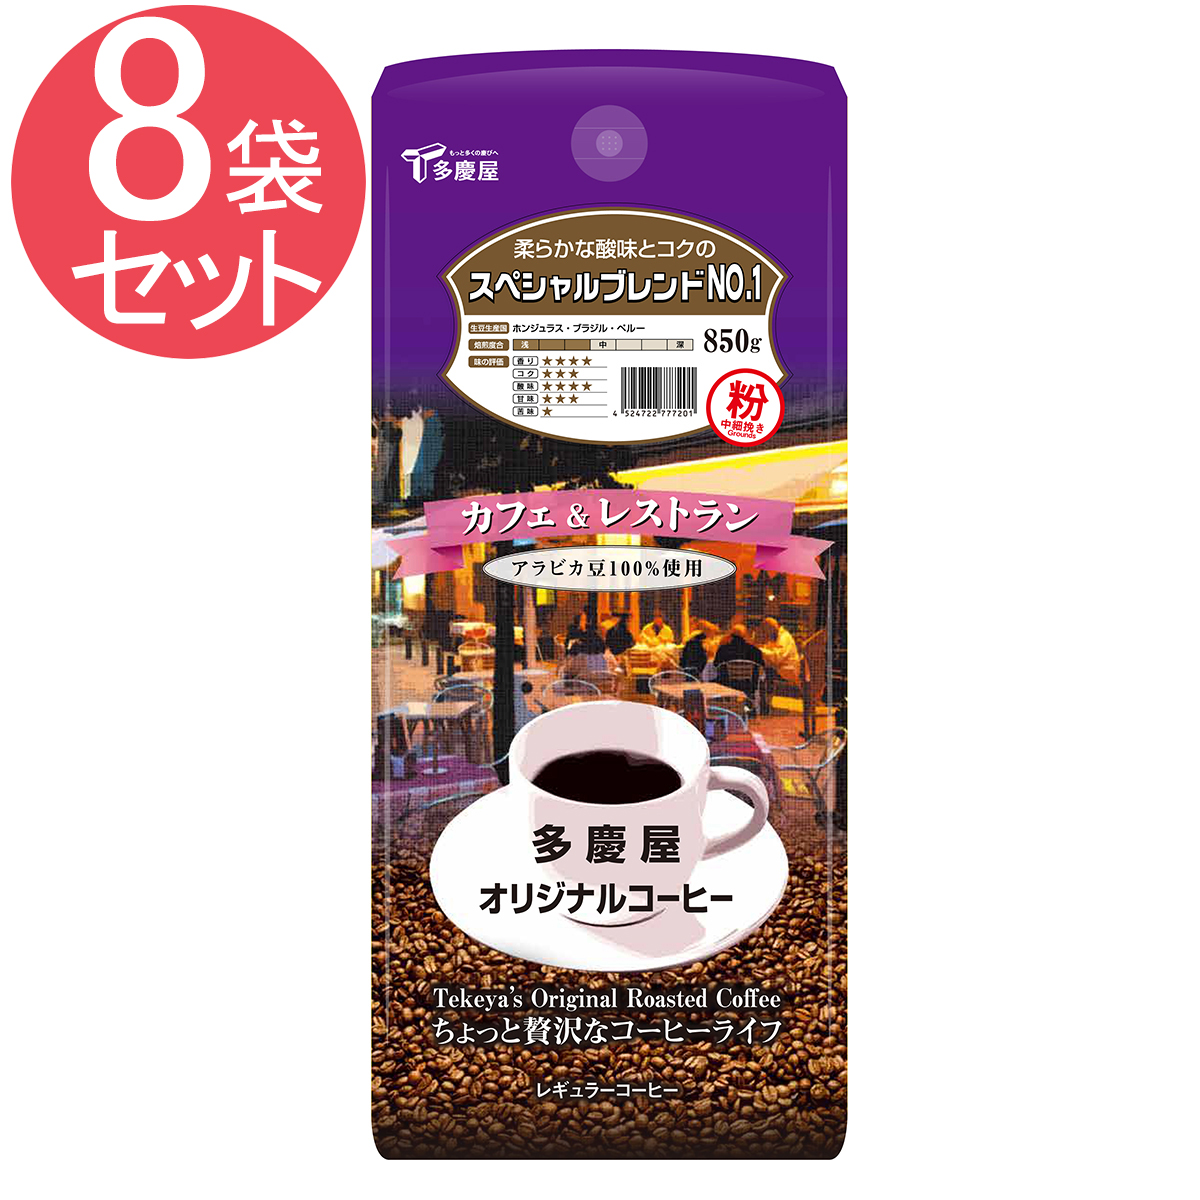 スペシャルブレンドNO1 粉 850g×8袋セット 多慶屋オリジナルコーヒー 【カフェ&レストラン】 コーヒー粉 レギュラーコーヒー 珈琲 coffee